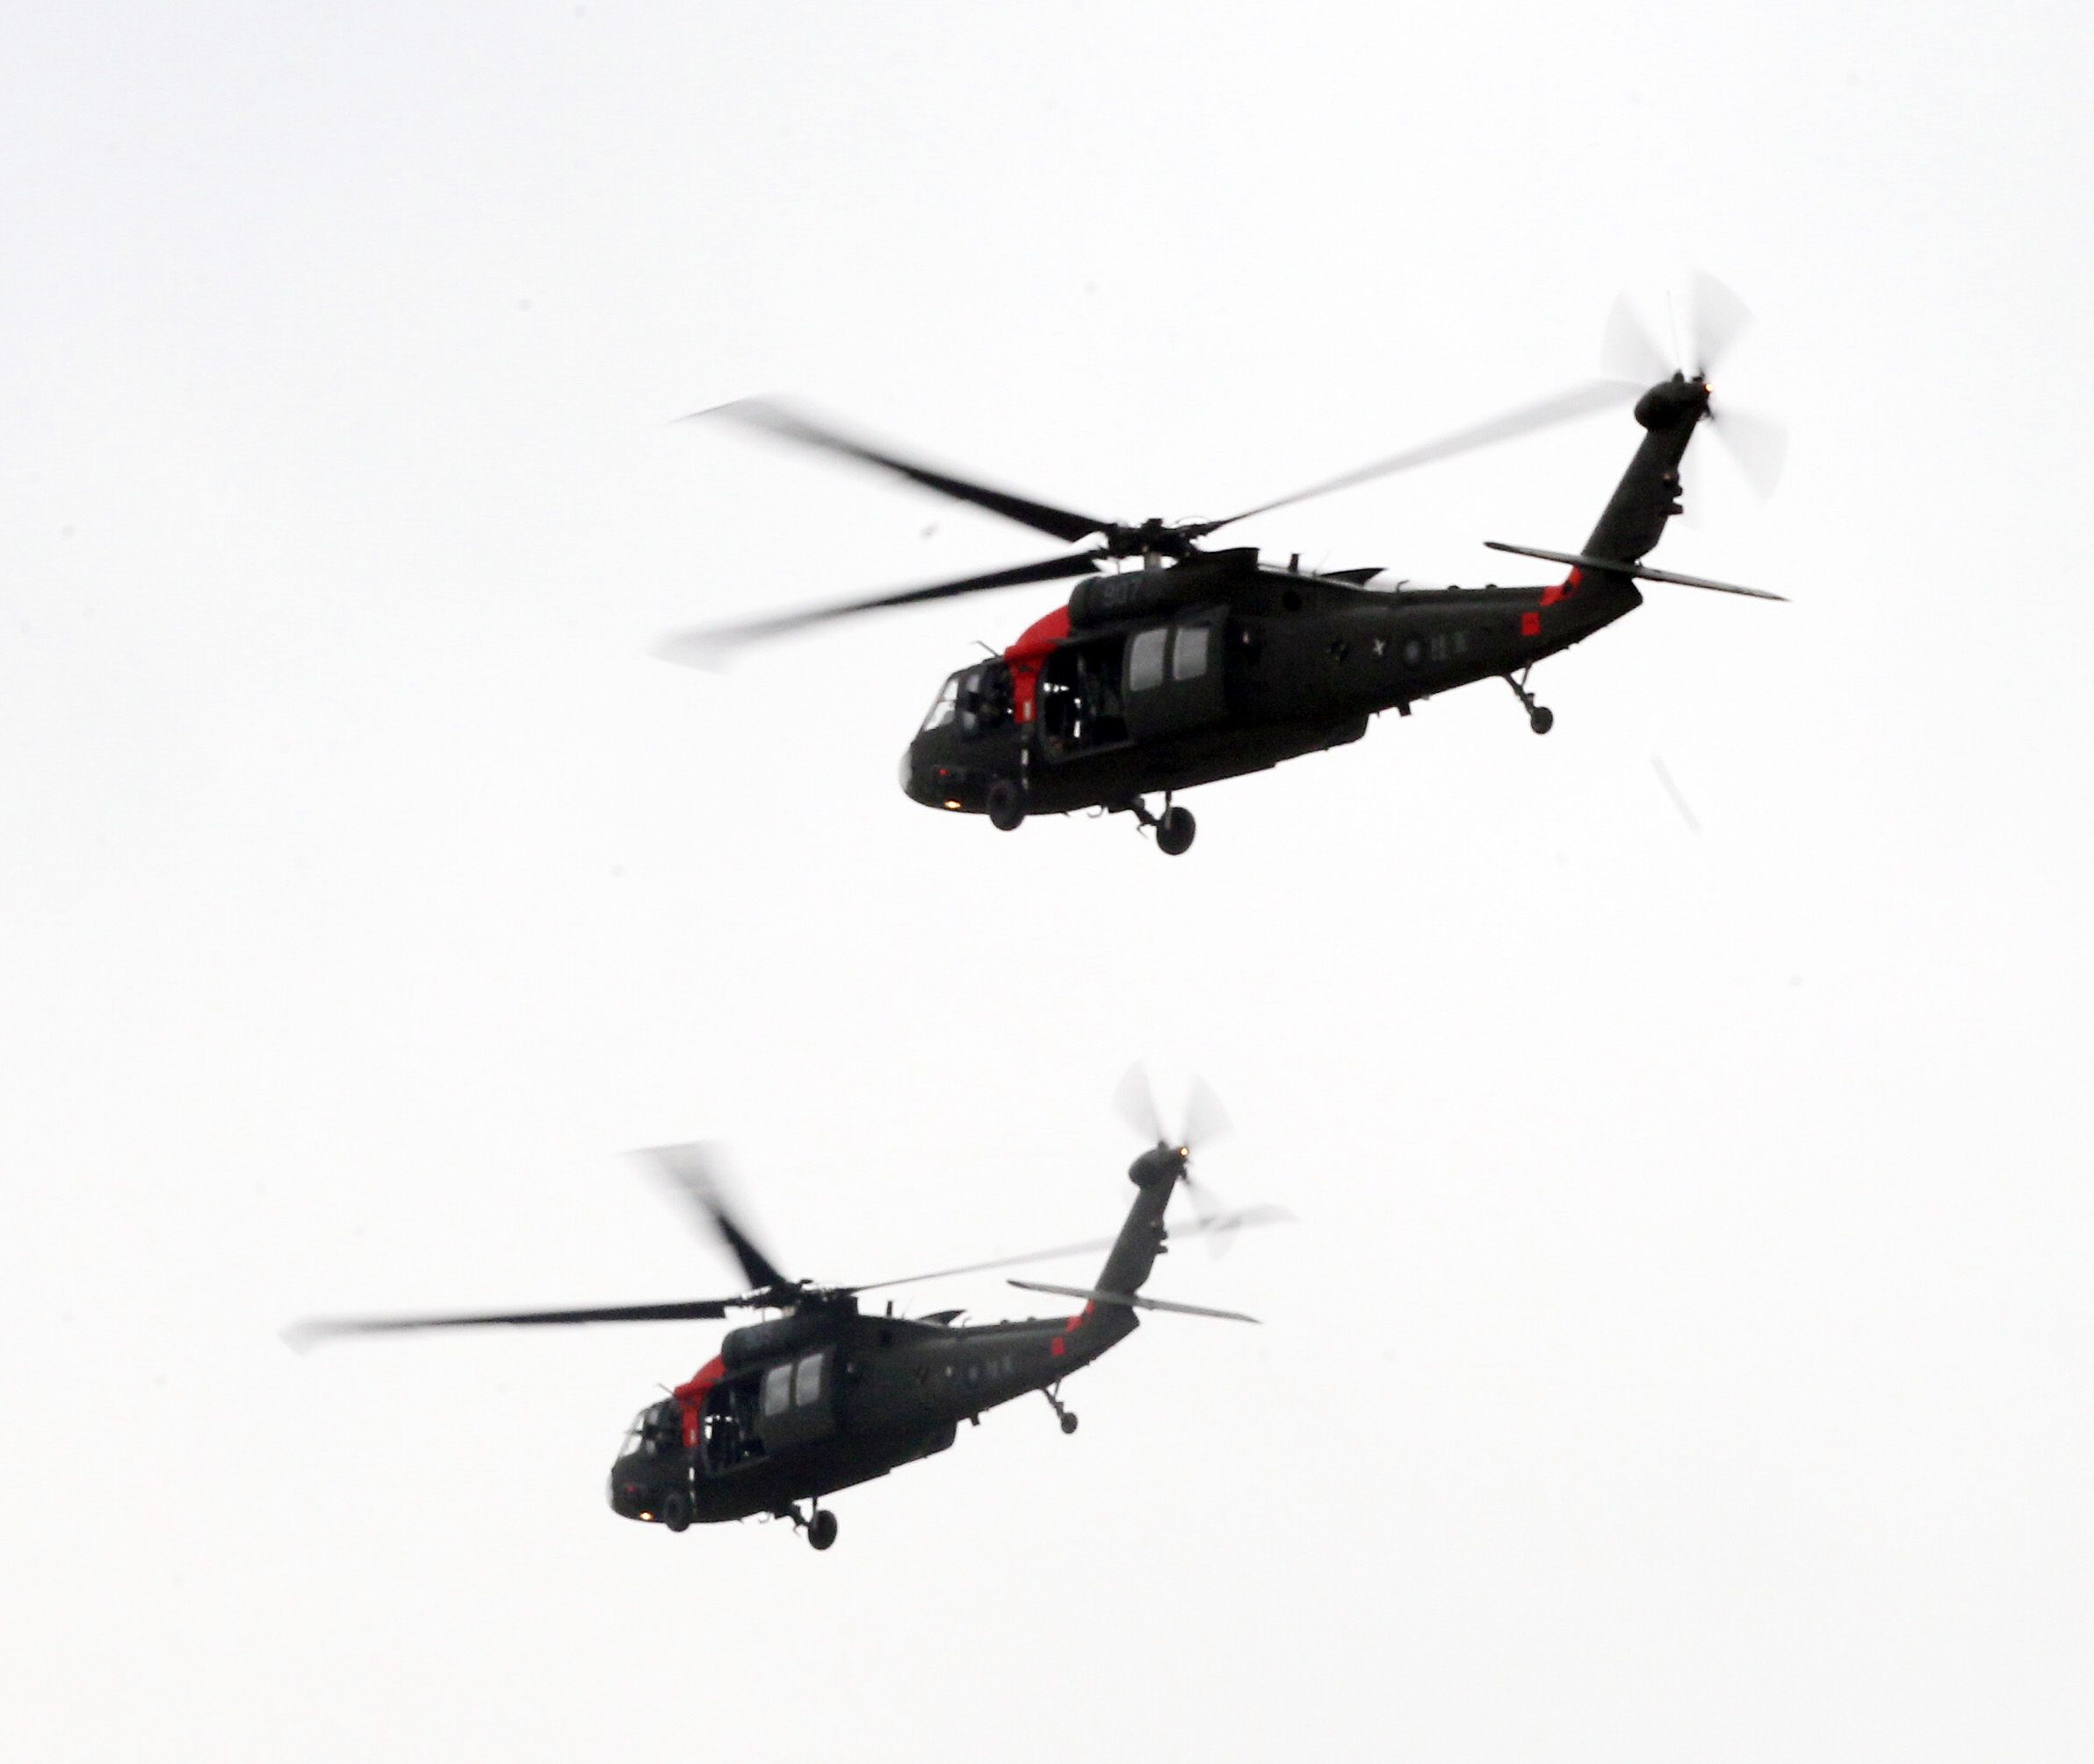 陸軍第三作戰區「地空聯合作戰」實兵操演,UH-60M黑鷹直升機空中繩降。(記者邱榮吉/龍潭拍攝)